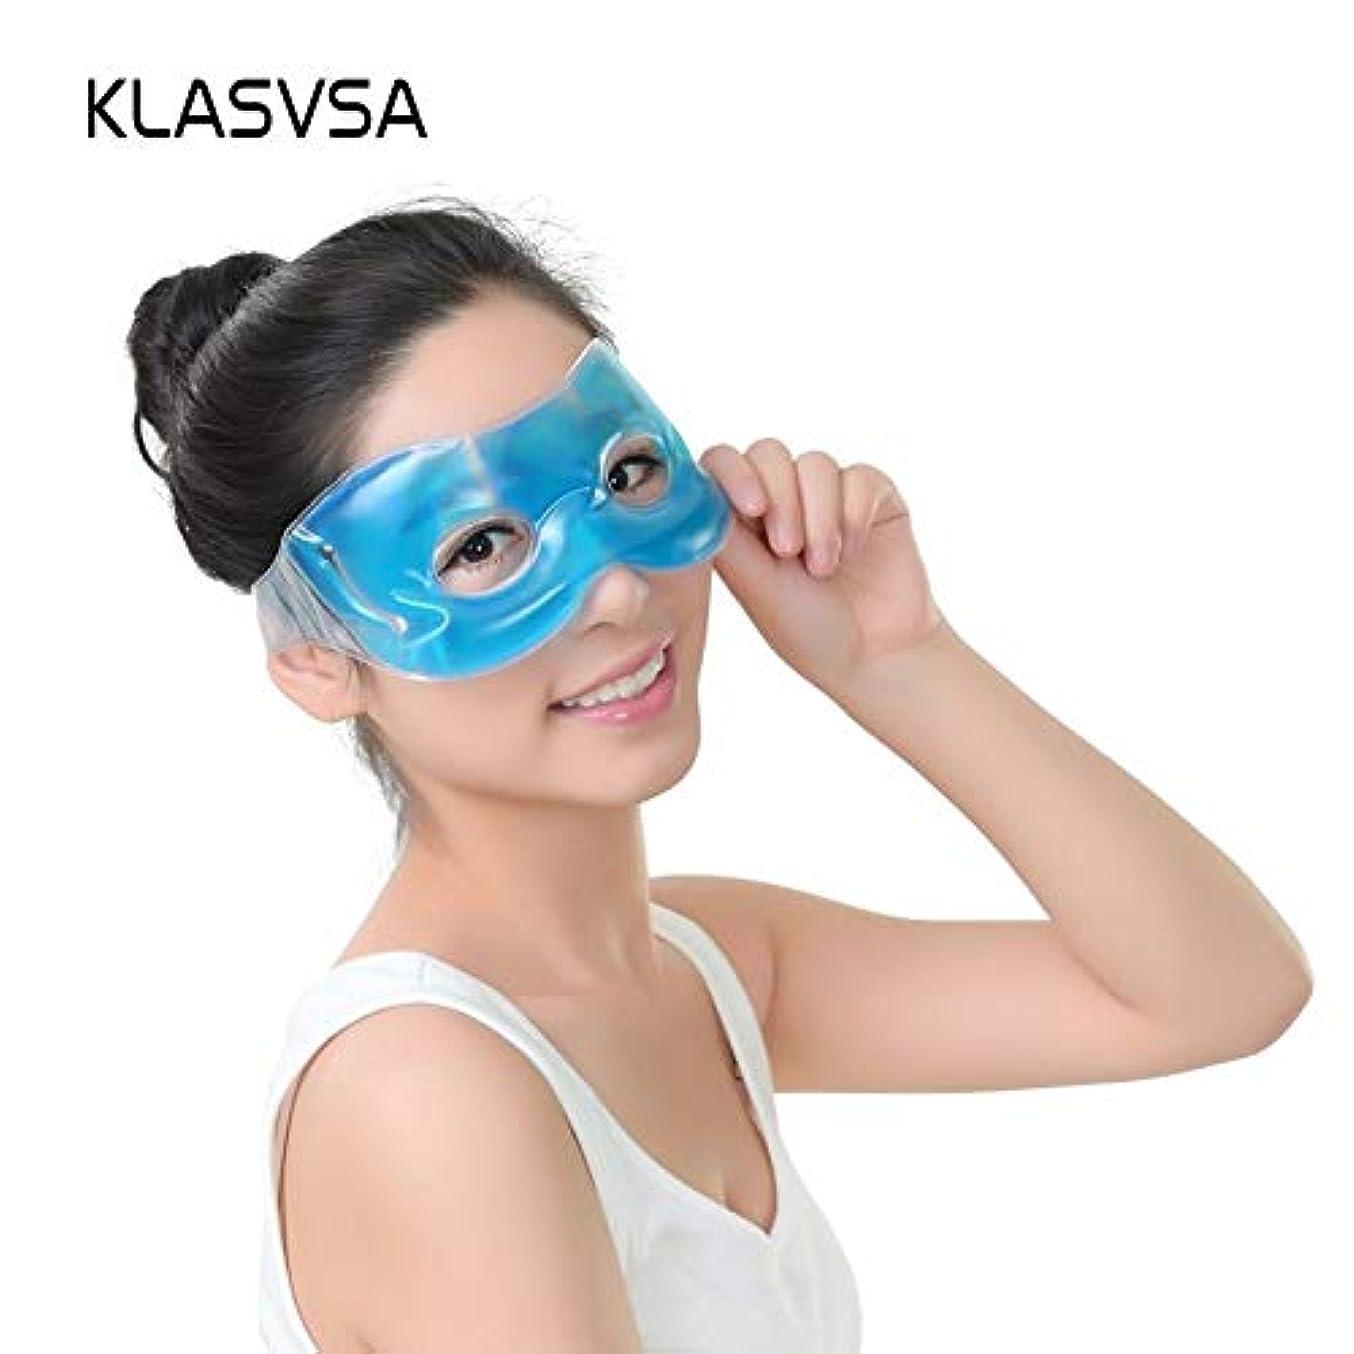 急いで溶ける動揺させるKlasvsaホットコールドアイマスク用睡眠マッサージリラックスなだめるような顔アイヘルスケアジェルマスク睡眠マスクシェードコンフォートカバー